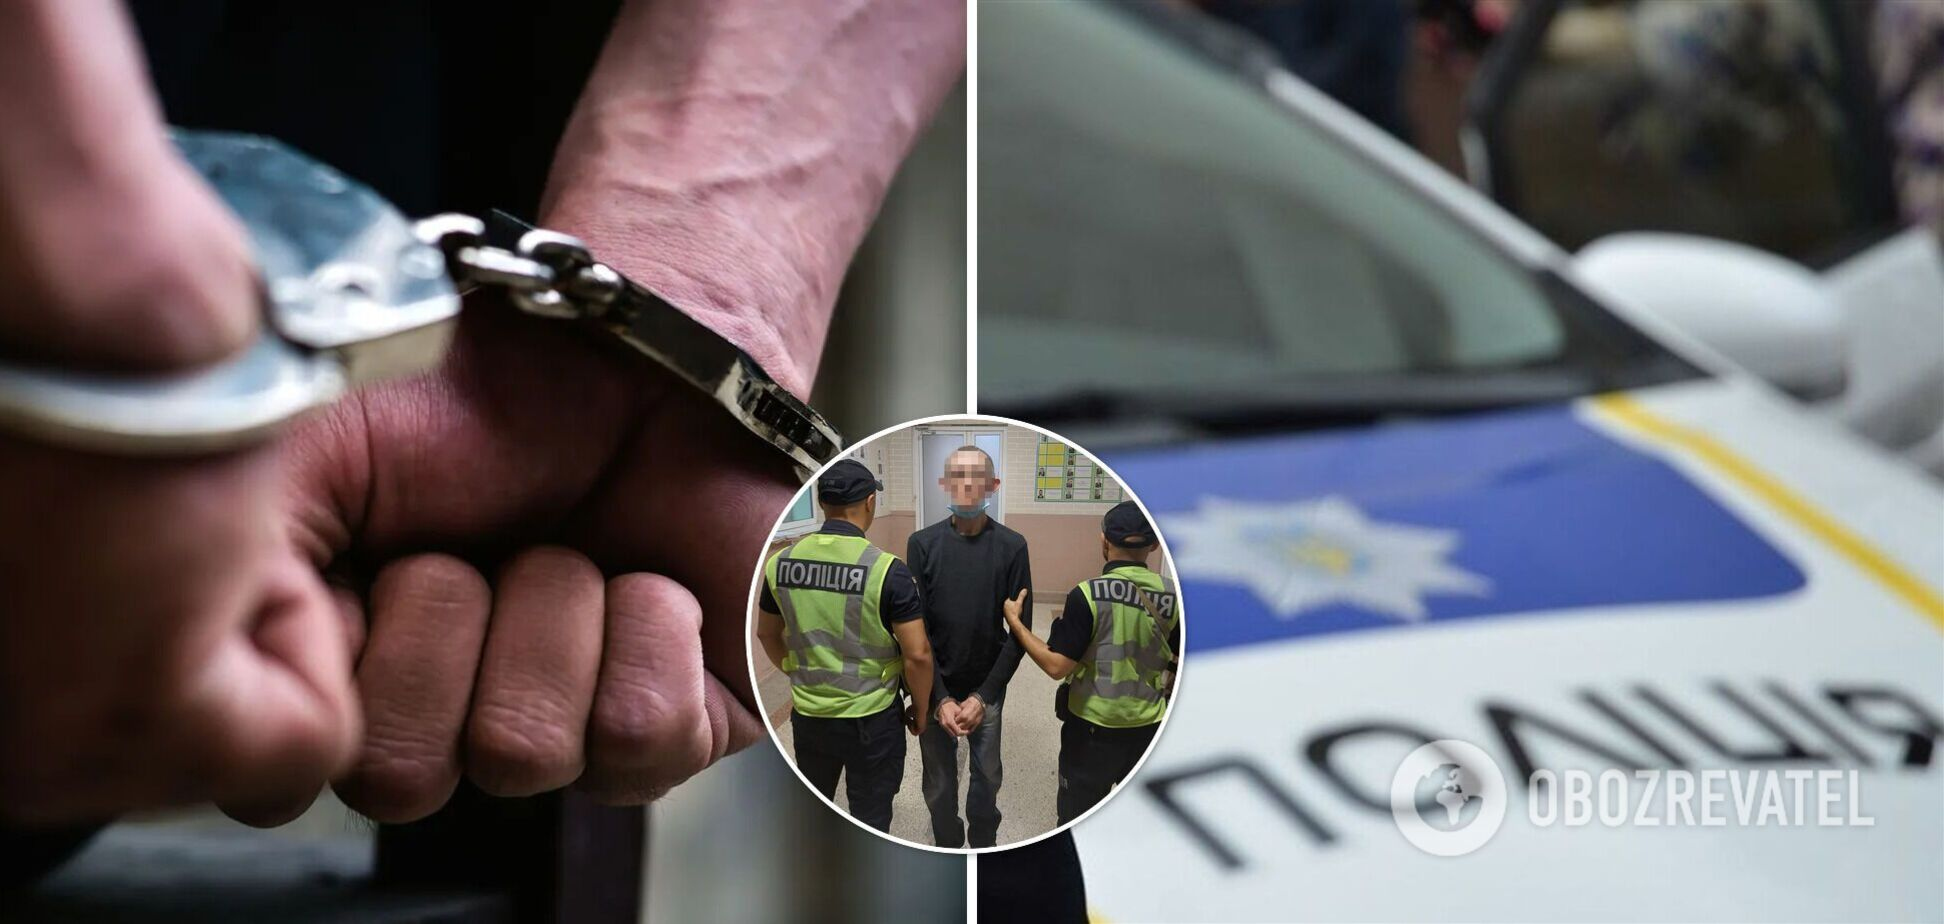 На Львовщине мужчина убил брата и сам вызвал полицию. Фото